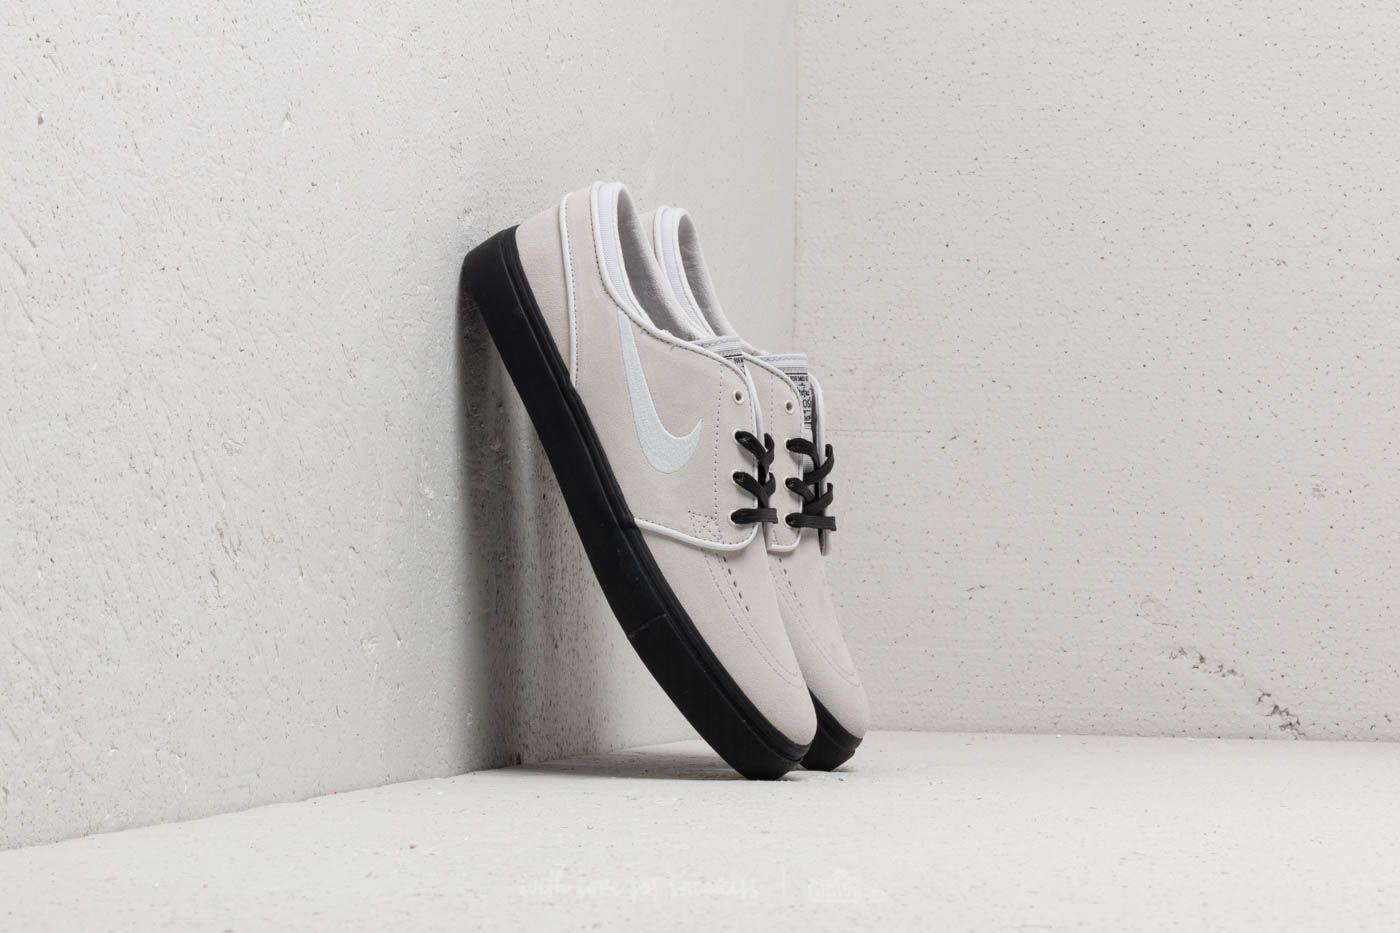 983c13207277b7 Nike Zoom Stefan Janoski Vast Grey  Vast Grey-Black